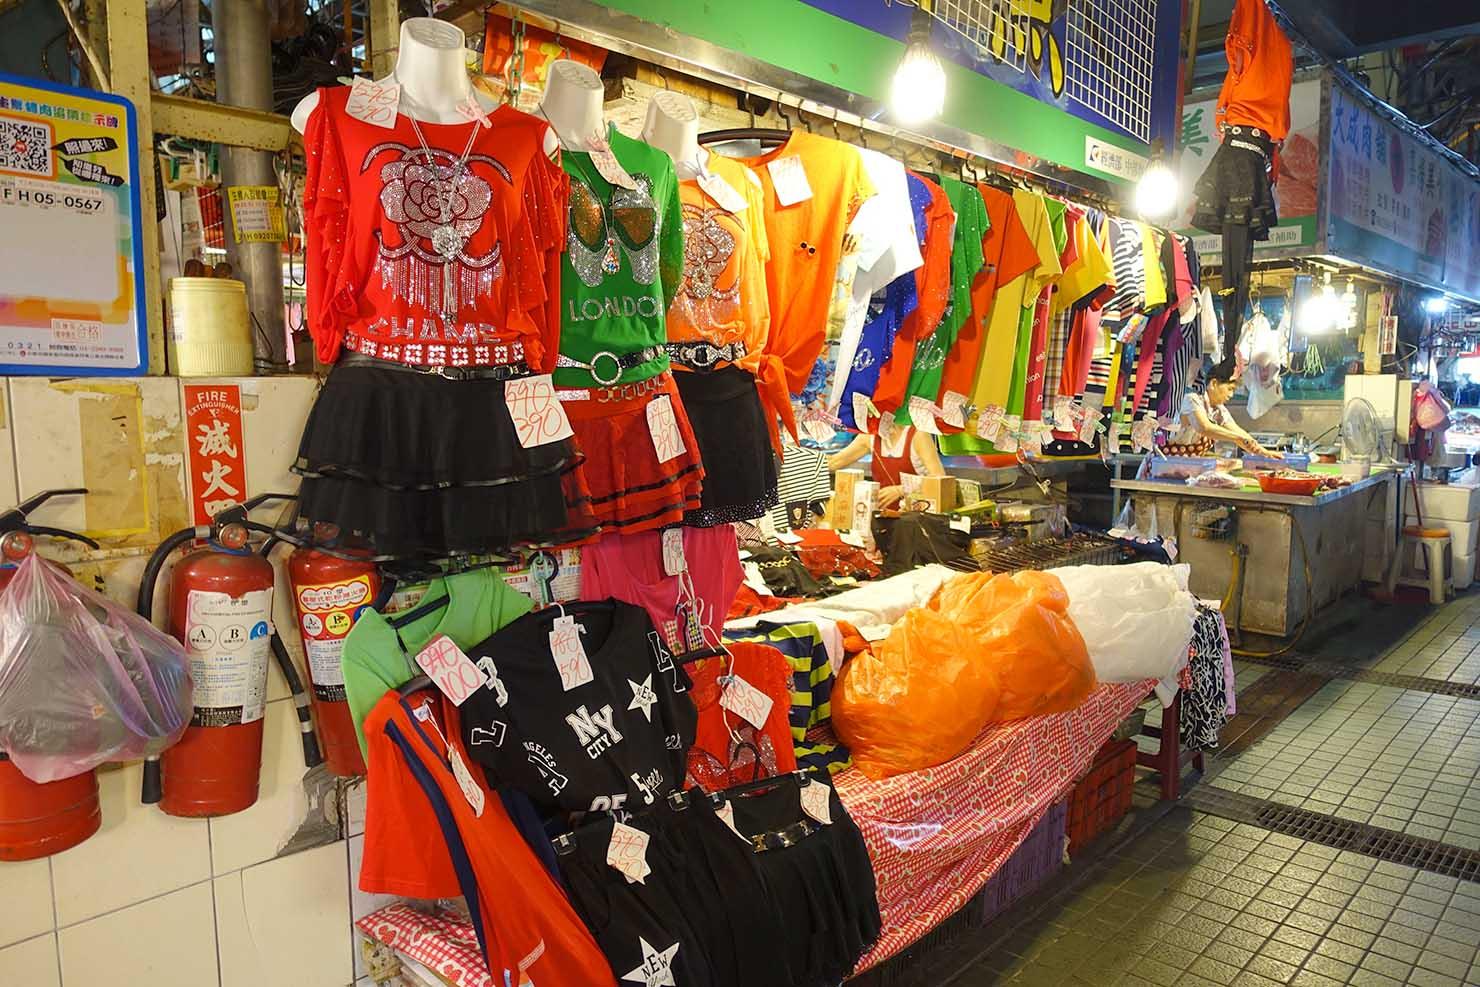 台湾の古都・台南のおすすめ観光スポット「水仙宮市場」の洋服店